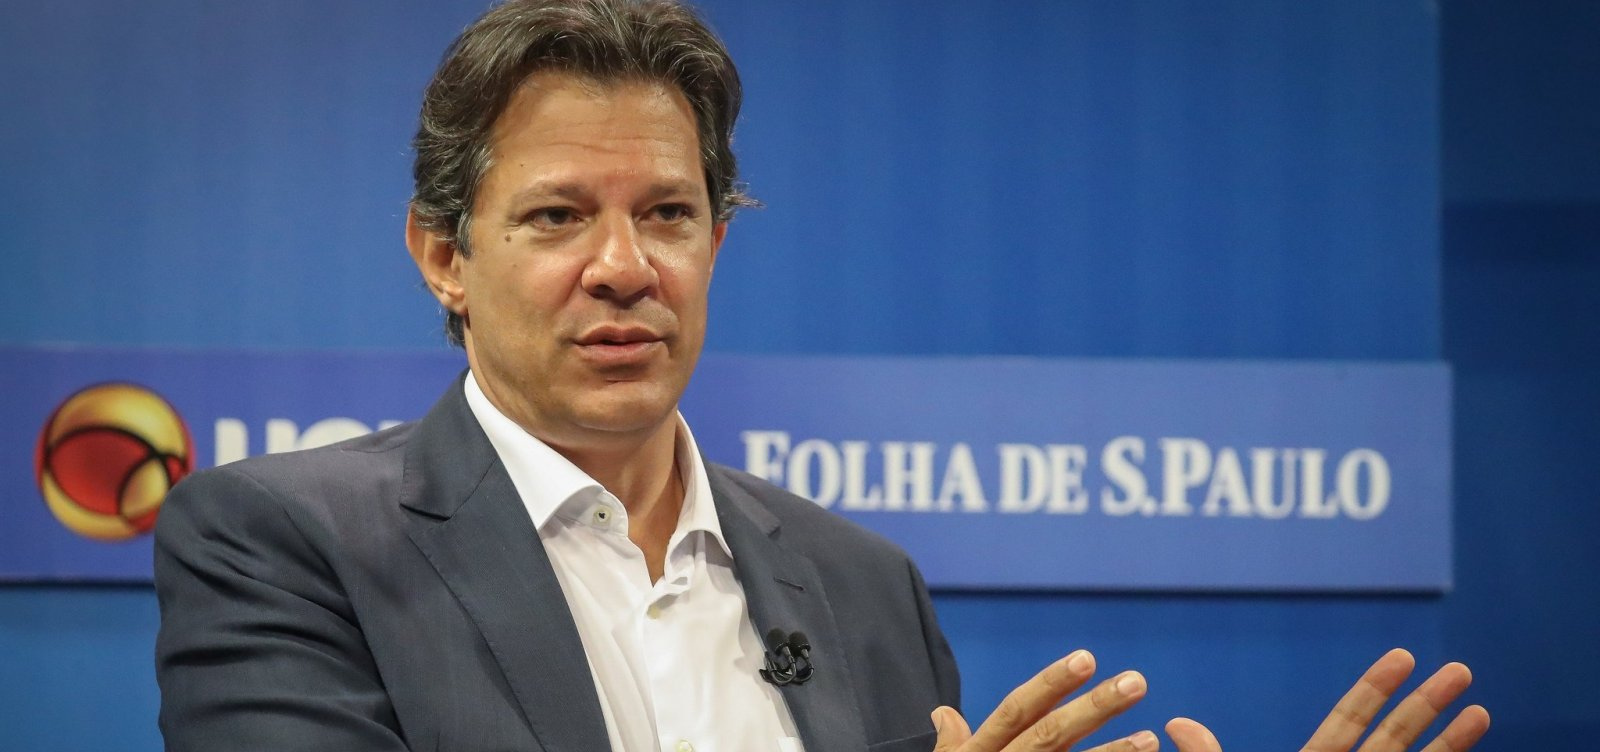 [Haddad diz que, se eleito, manterá rotina de visitas a Lula]